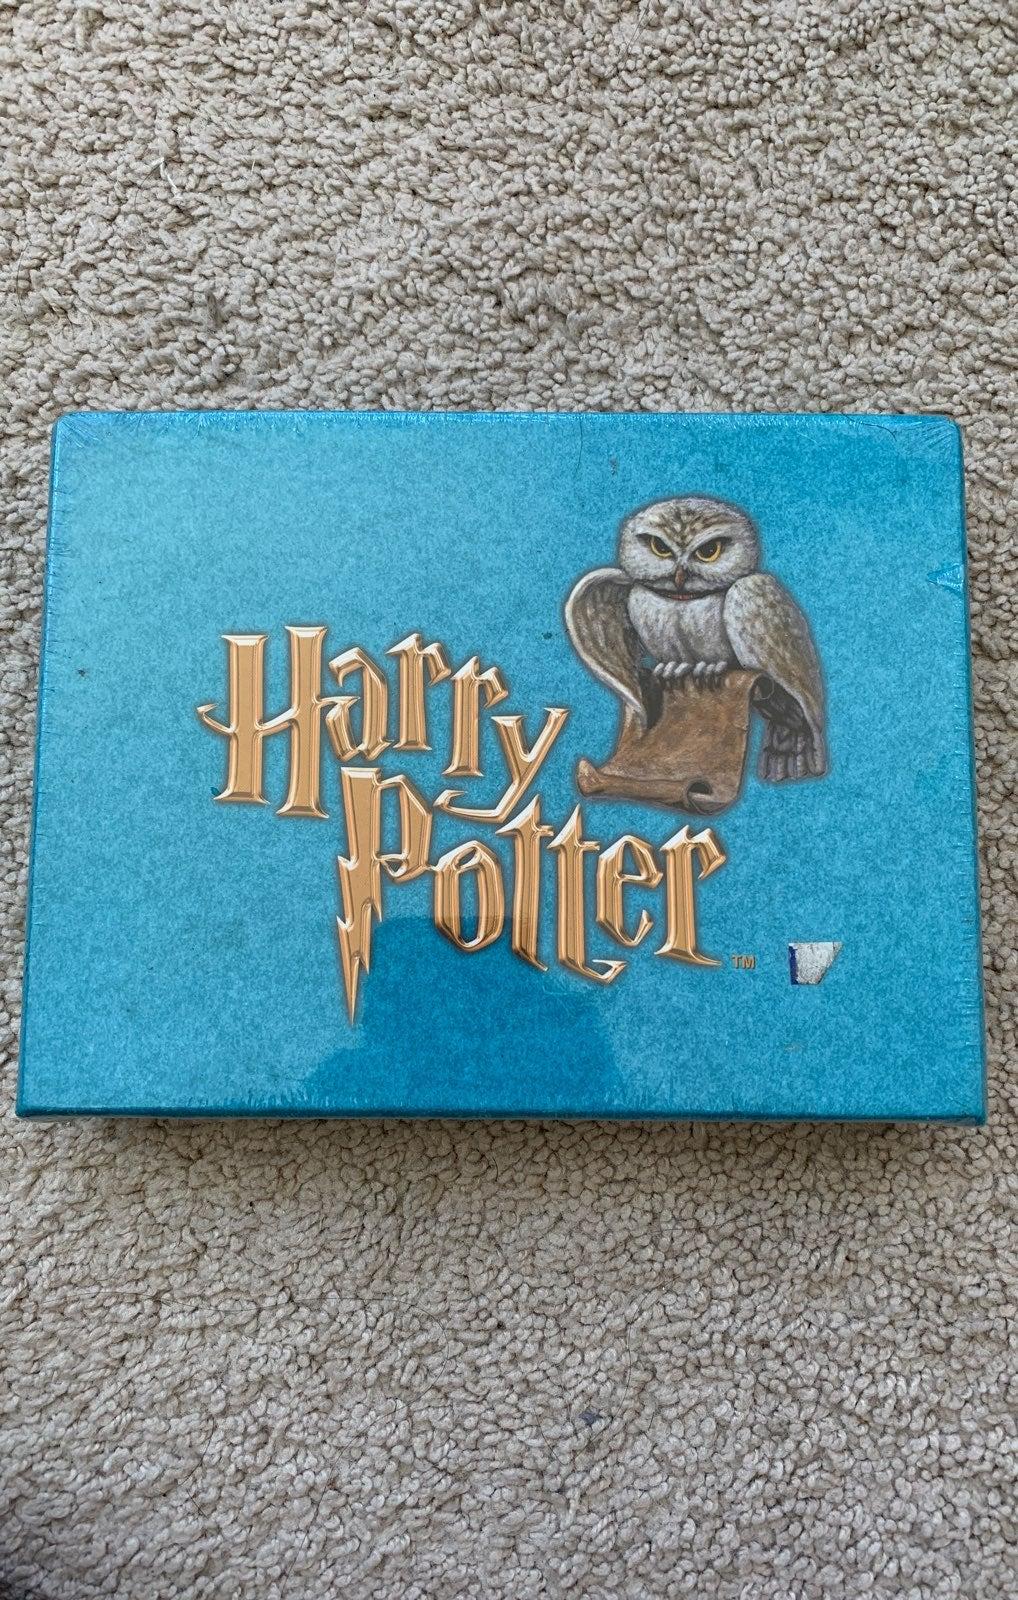 Harry Potter Stationary Set